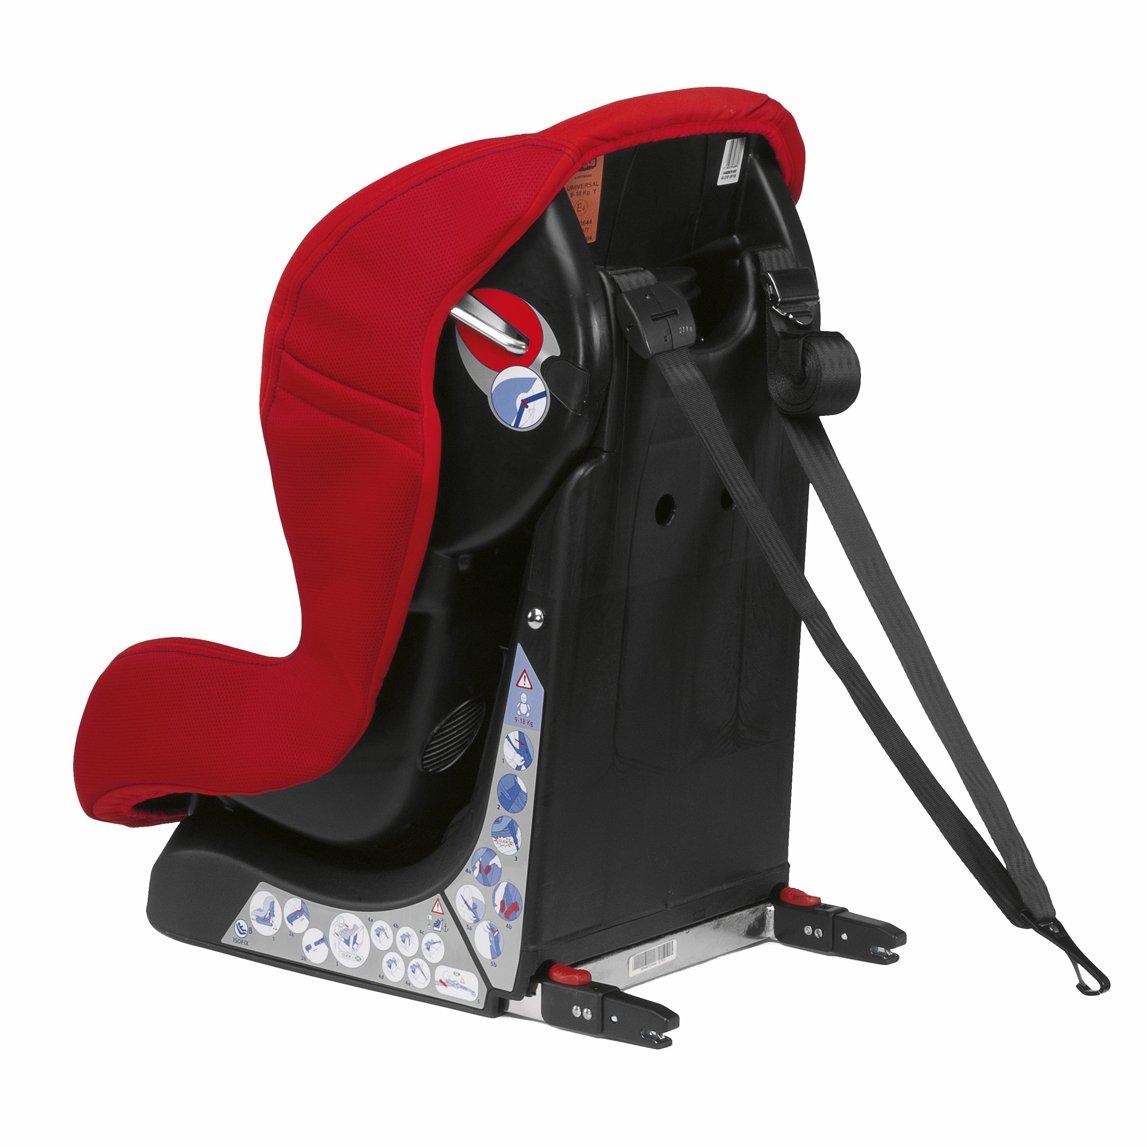 Chicco 07079241710000 Xpace Isofix - Silla de bebé para coche (grupo 1, niños: 9-18 kg), color rojo: Silla Auto Xpace Isofix GR 1: Amazon.es: Bebé